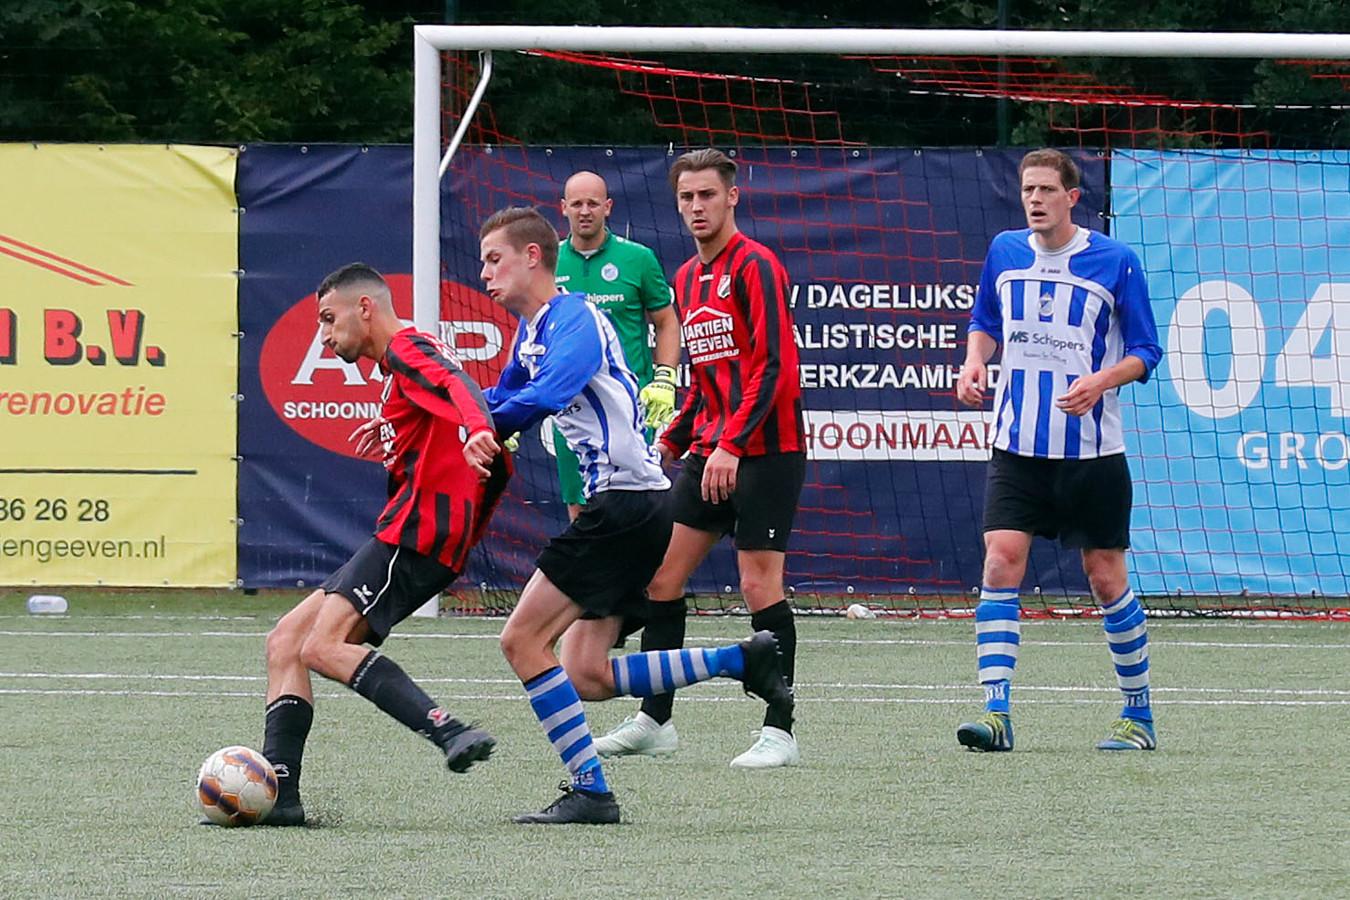 Braakhuizen verloor zondag in de eerste finale voor promotie naar de tweede klasse met 0-2 van Bladella.